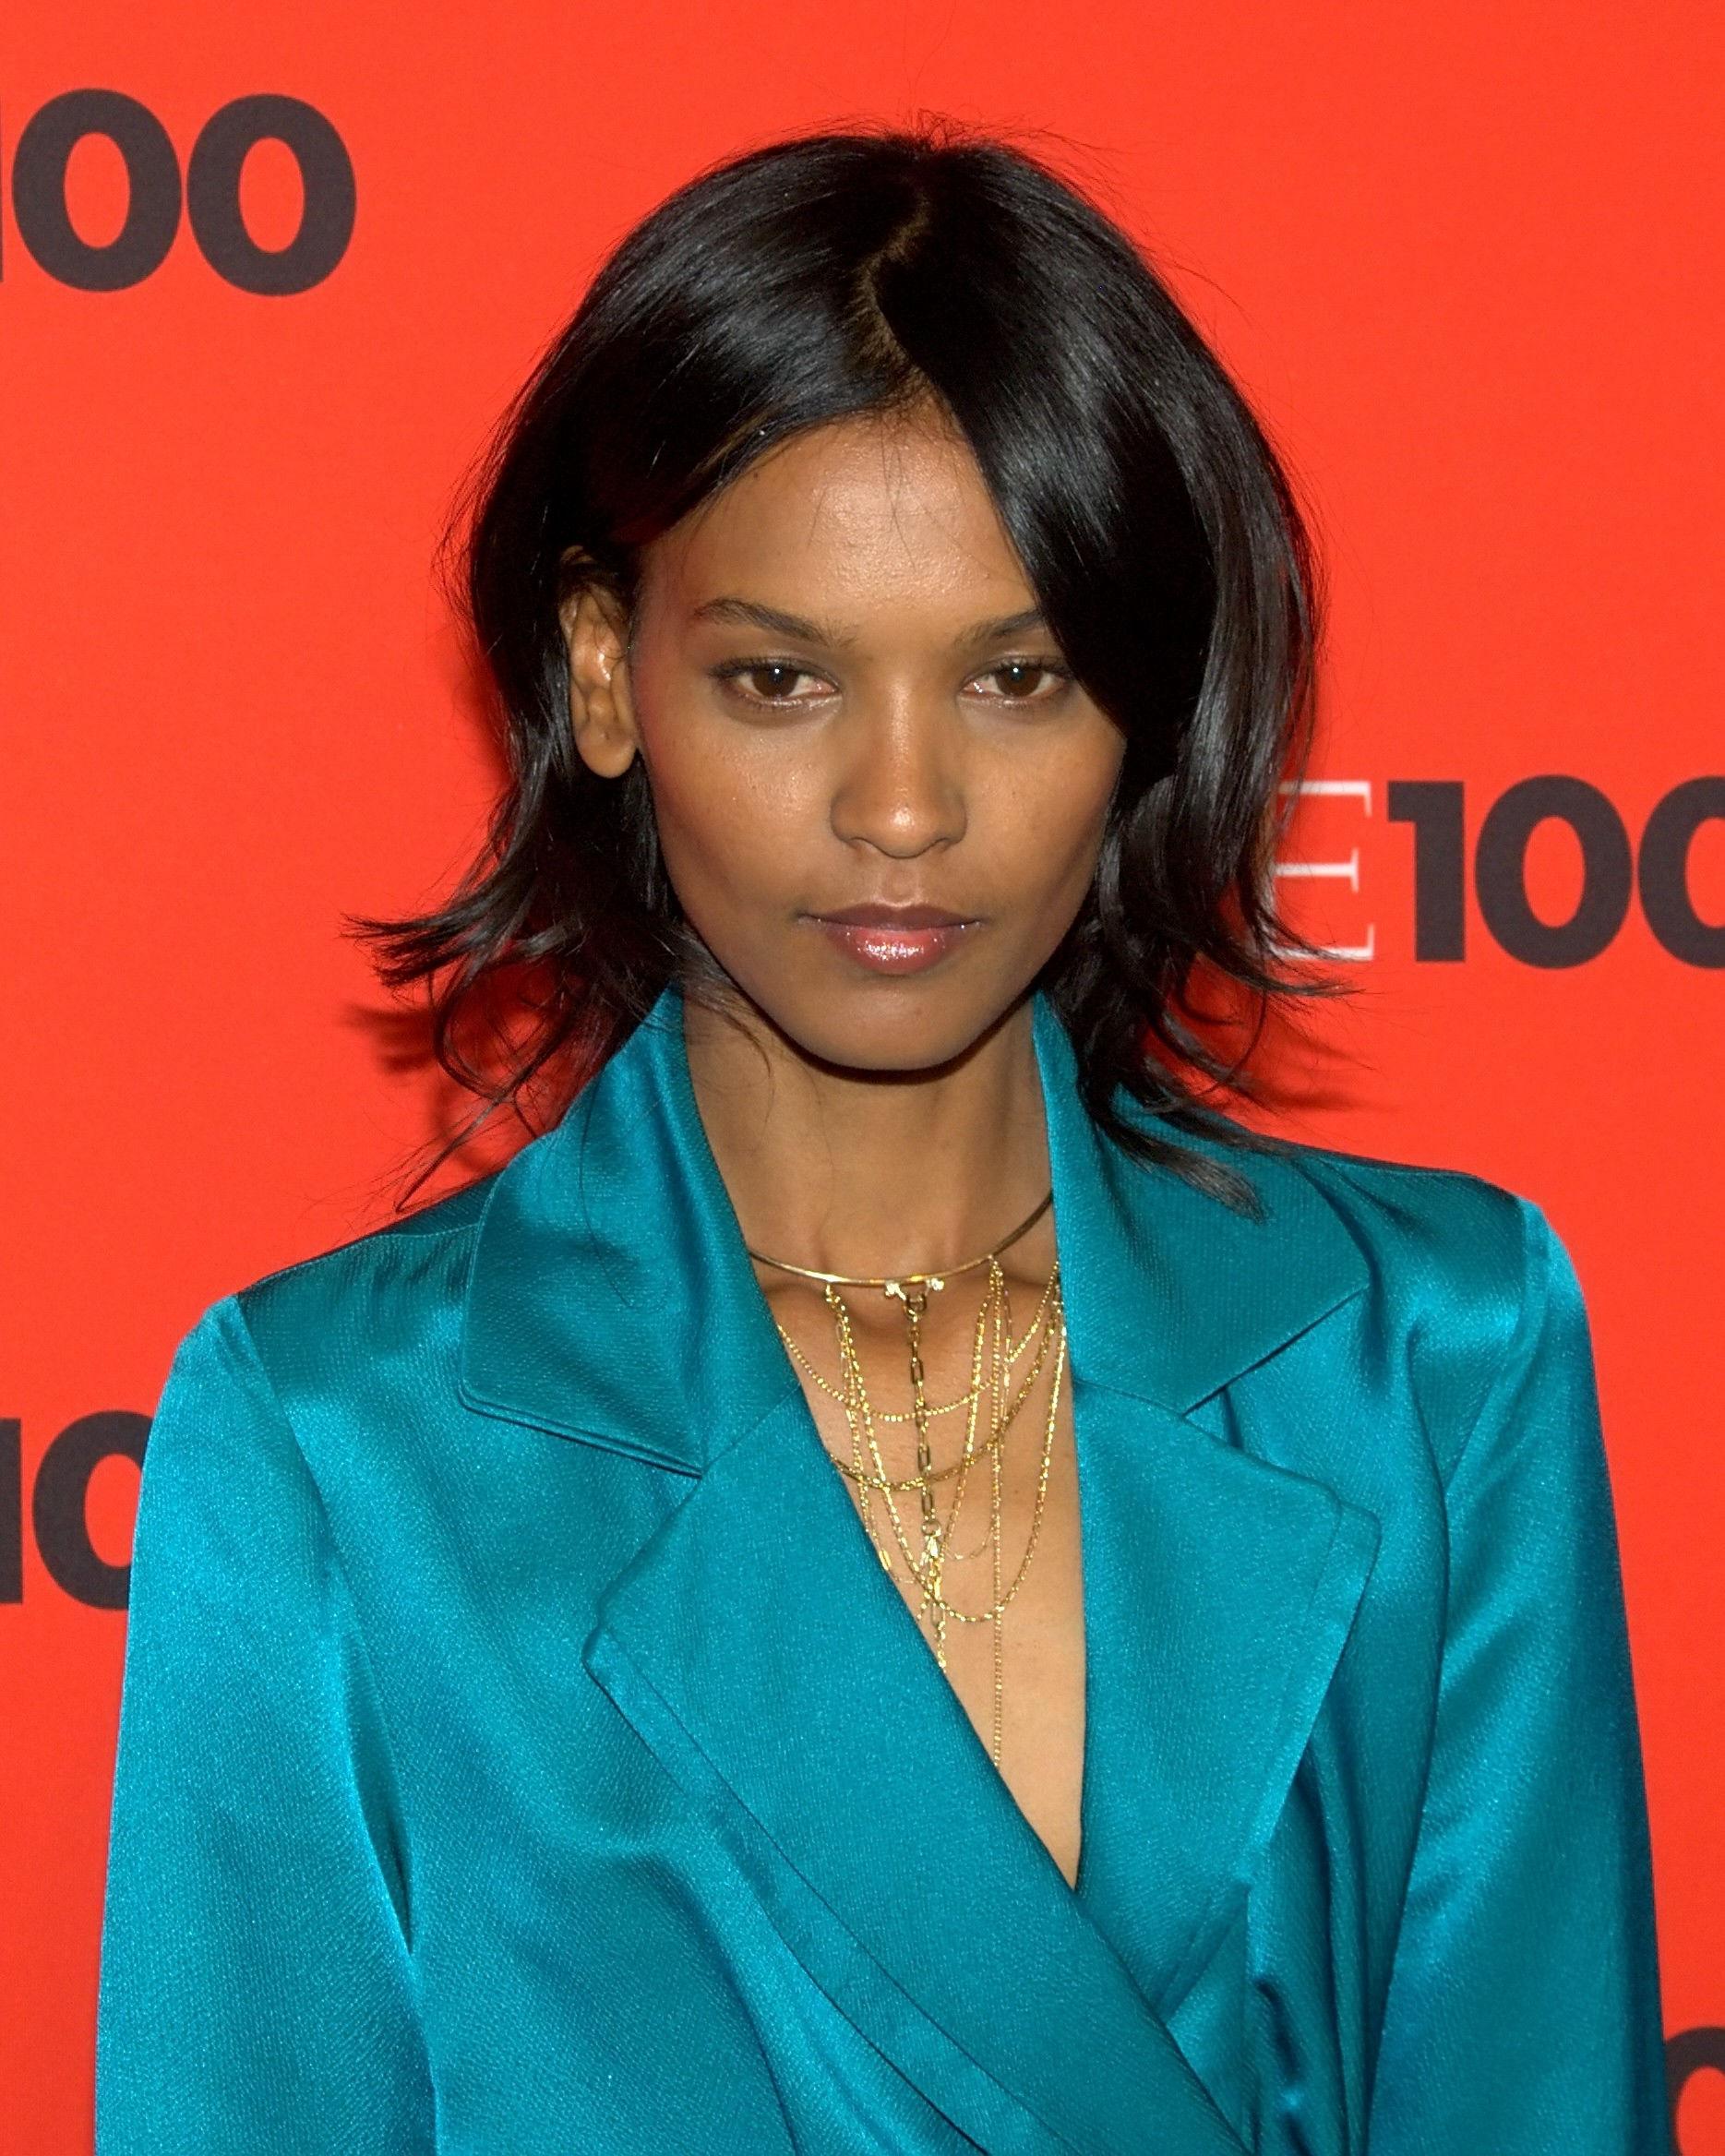 Photo of Liya Kebede: Ethiopian model and actress